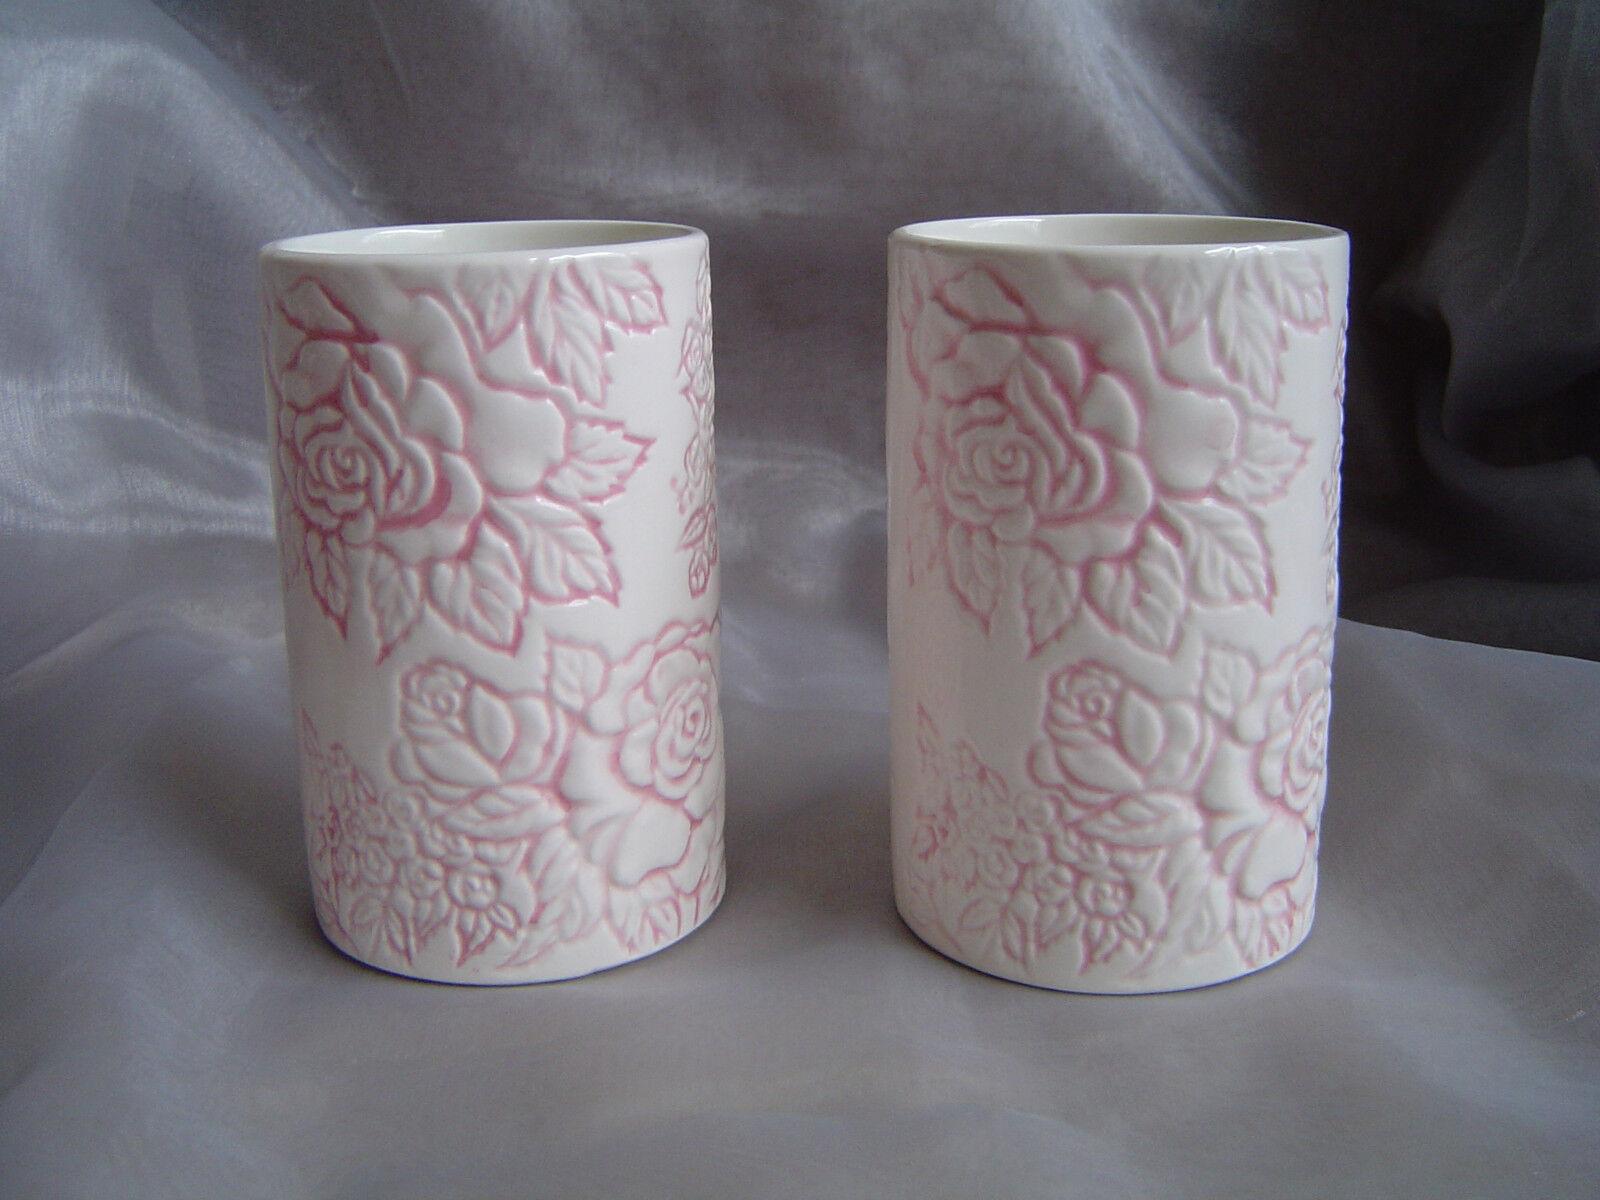 Zahnputzbecher Porzellan 2 Stück 2er Set rosa-weiß Rosenmuster